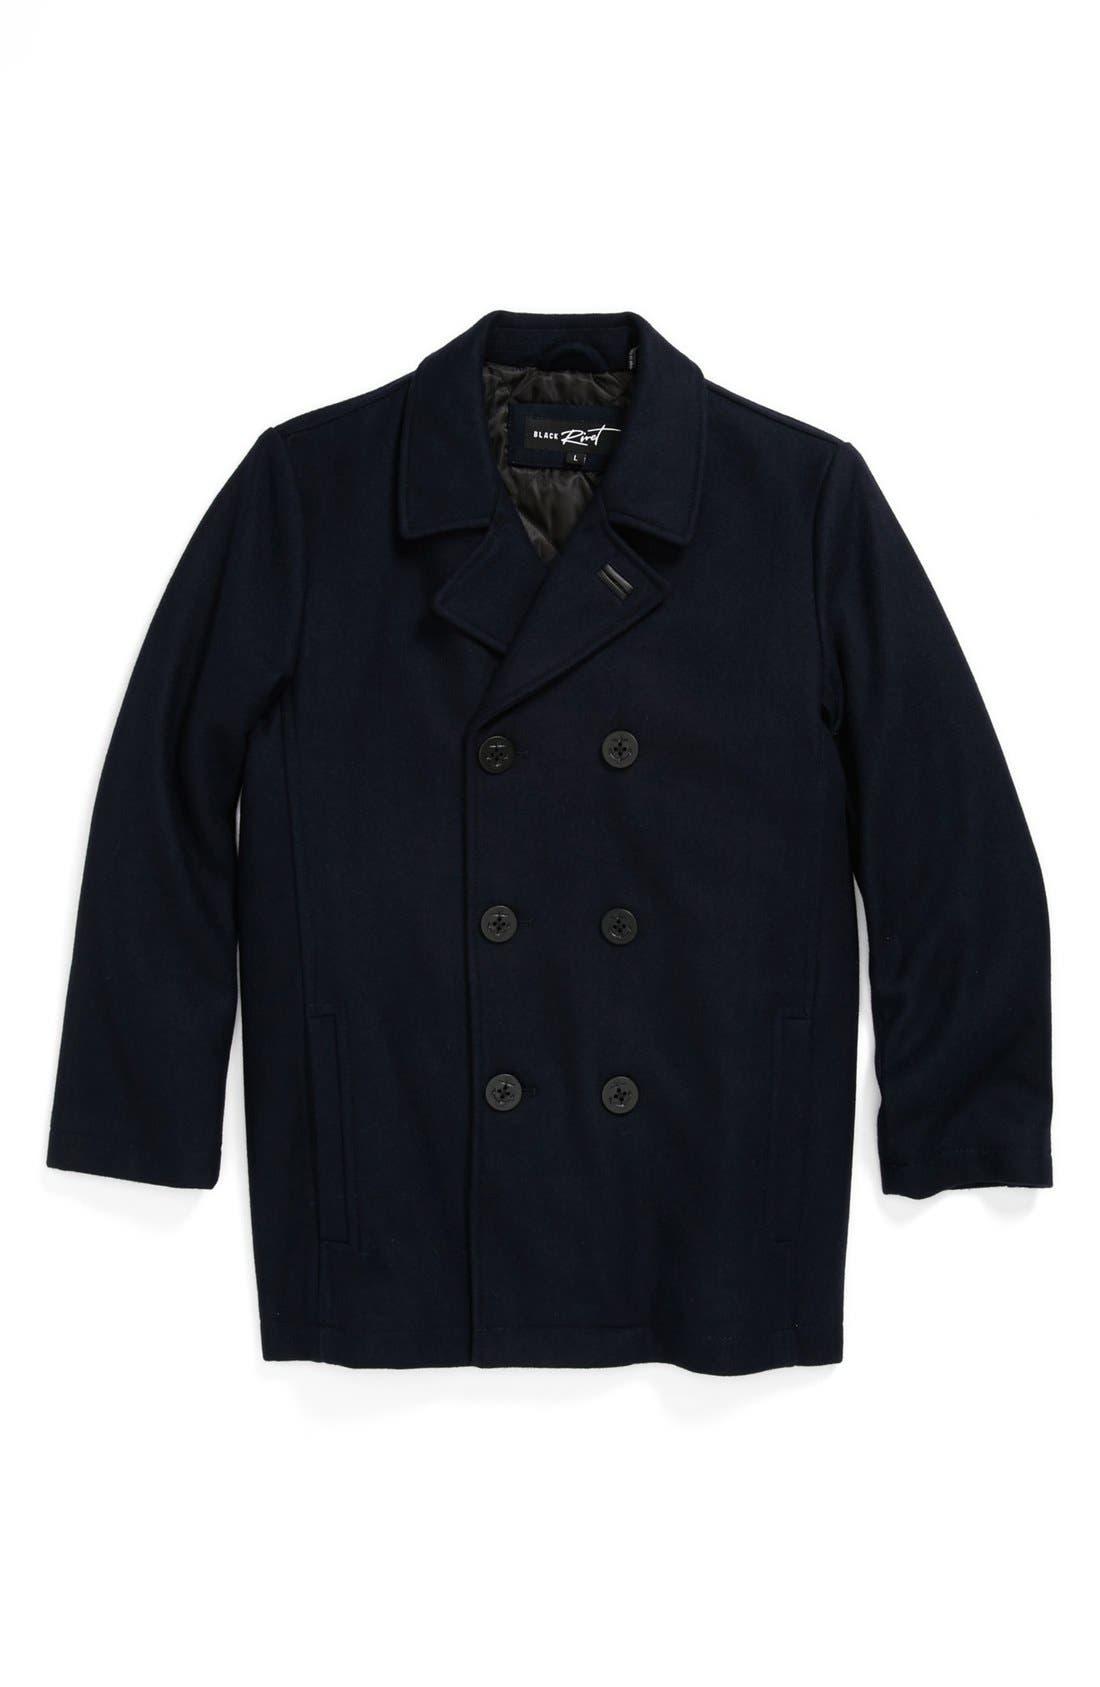 Alternate Image 1 Selected - Black Rivet Wool Peacoat (Big Boys)